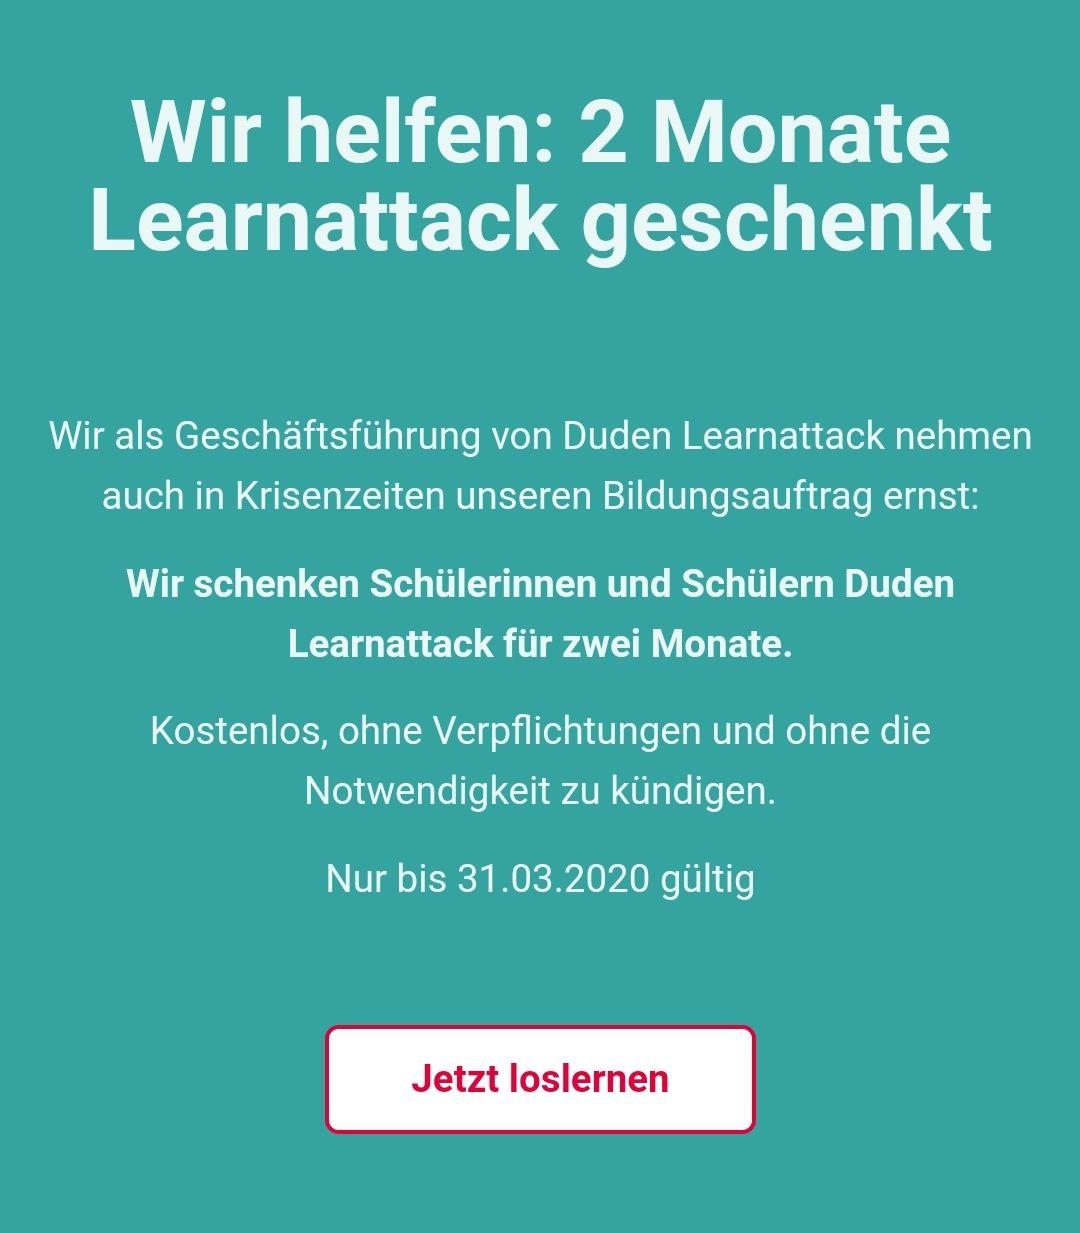 Duden Lernattack: 2 Monate kostenlos, automatisch endendes Abo